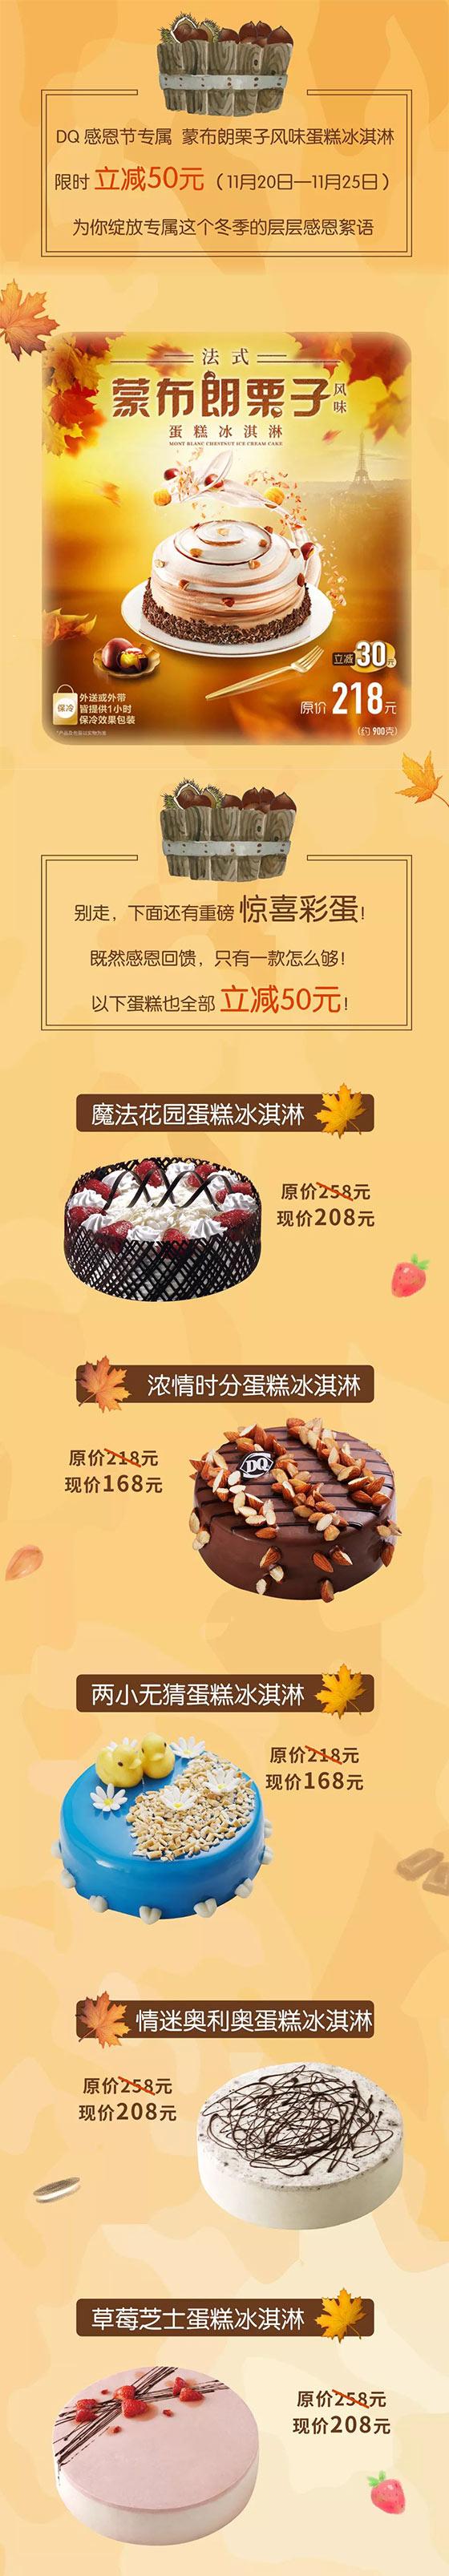 DQ冰雪皇后感恩节专属蛋糕限时立减50元 有效期至:2018年11月25日 www.5ikfc.com